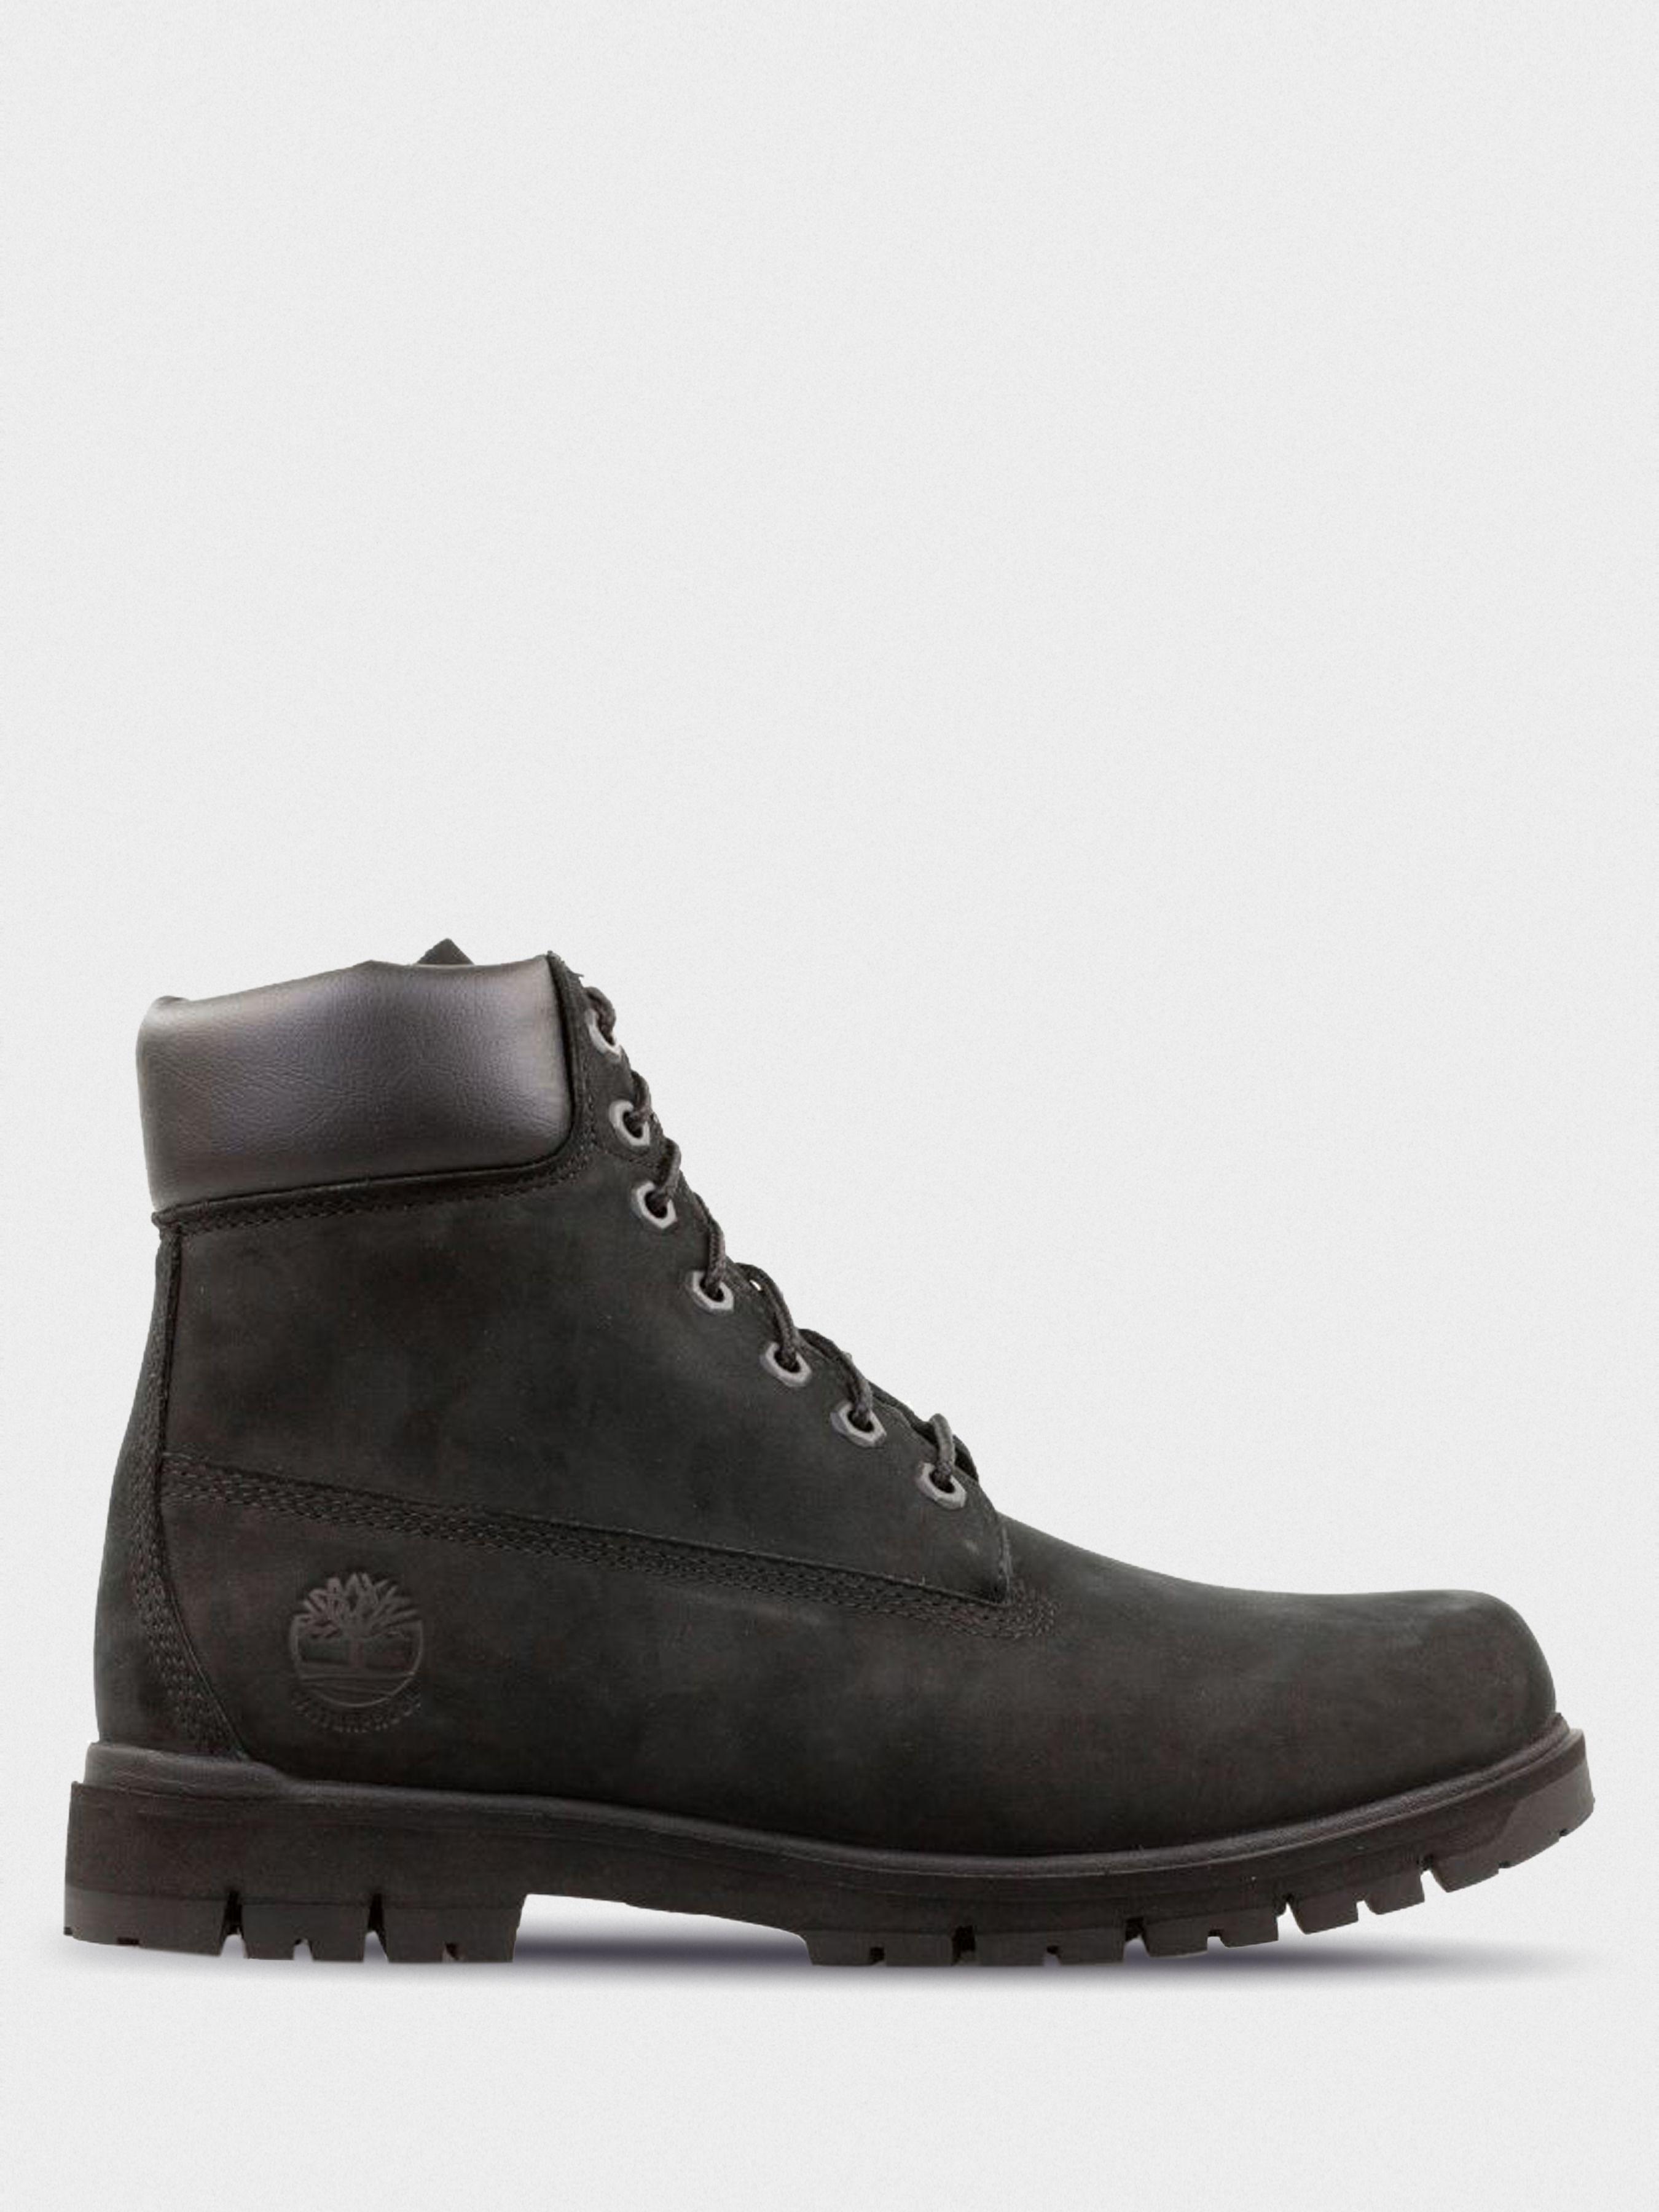 Купить Ботинки для мужчин Timberland Radford TF3672, Черный